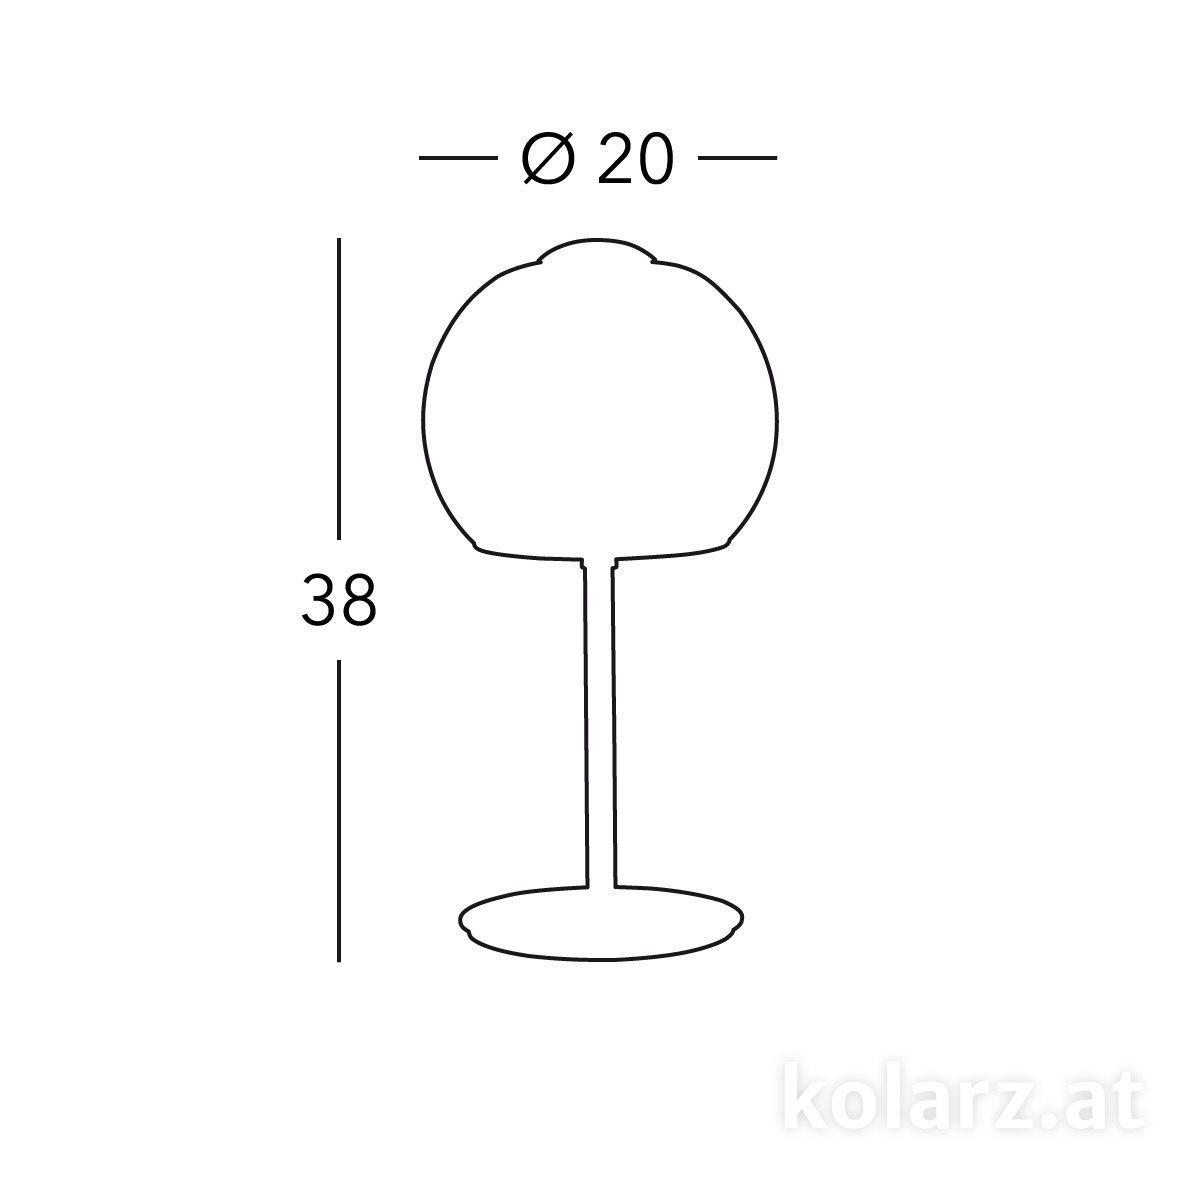 0392-71-3-Ki-Au-s1.jpg